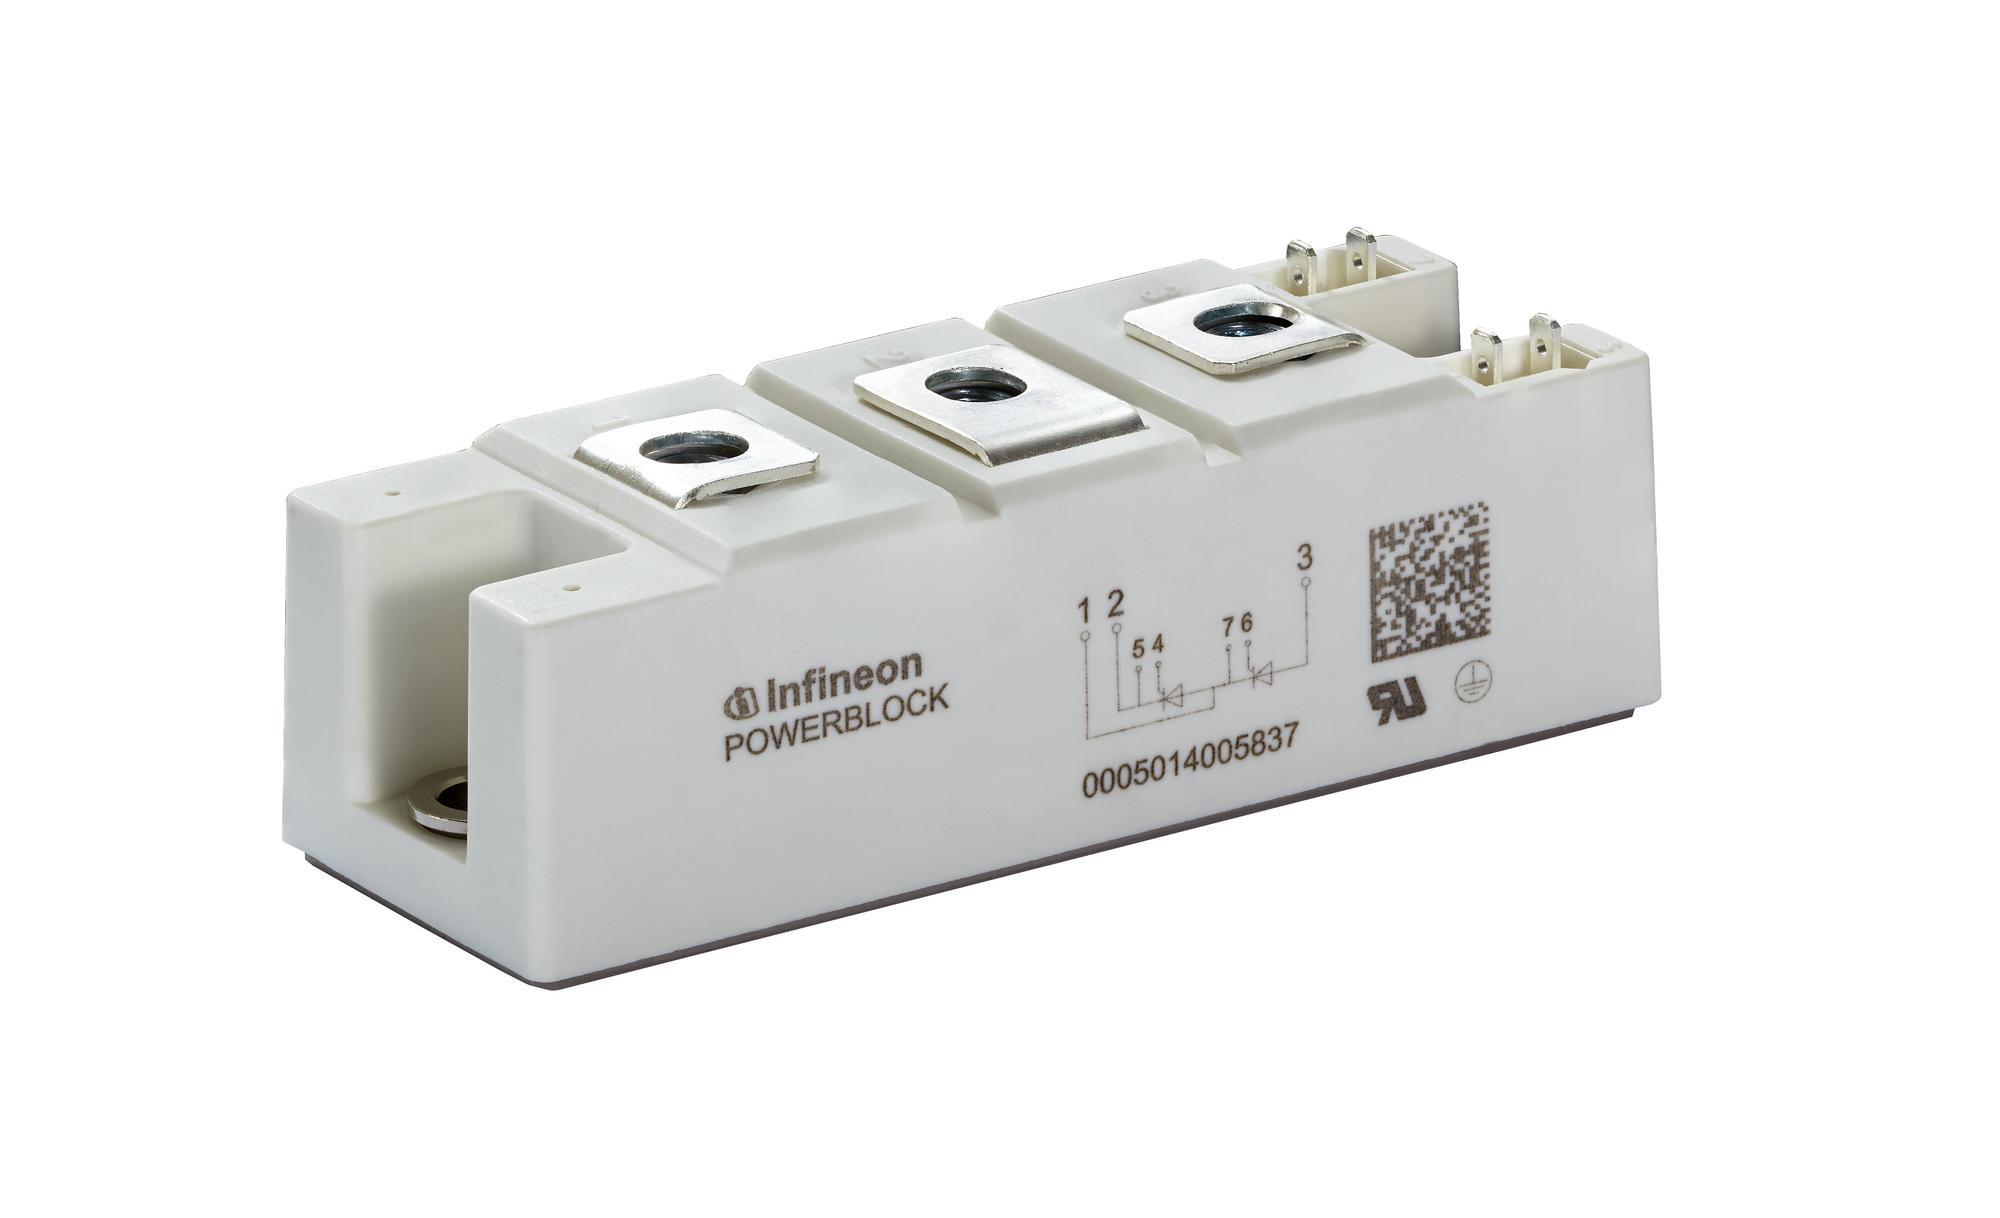 英飞凌推出高性价比应用优化型双极功率焊接模块